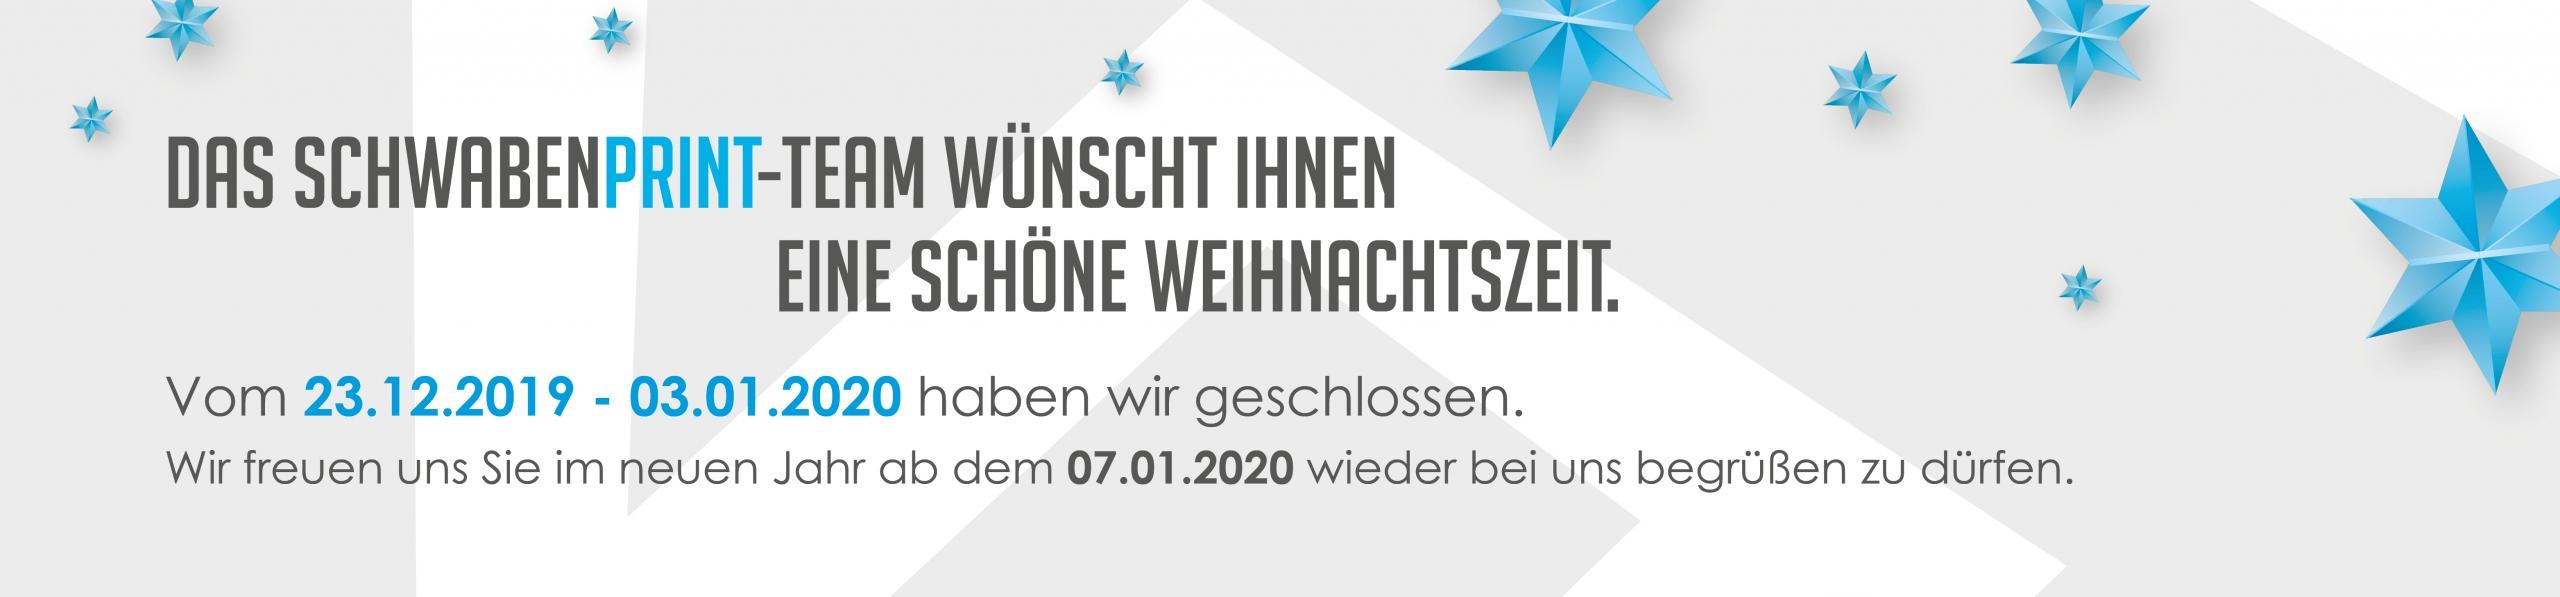 Schwabenprint Druckerei Stuttgart Und Ludwigsburg